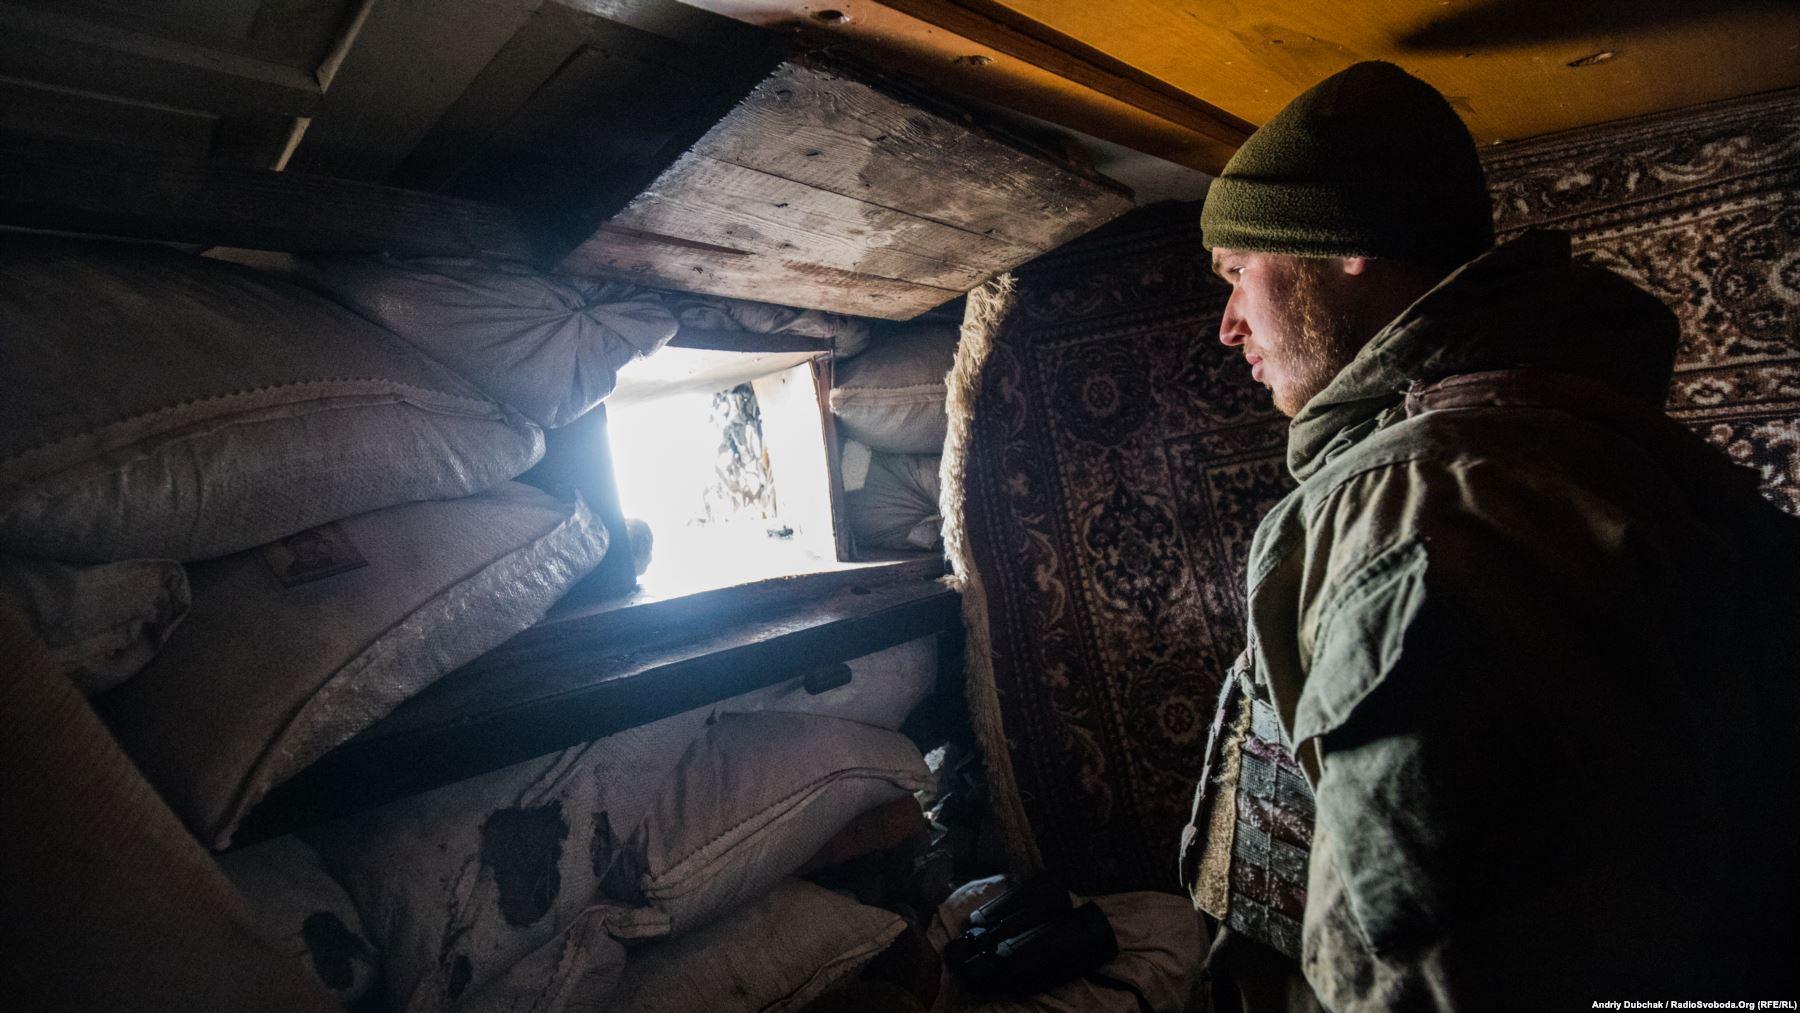 Позивний «Білорус» спостерігає у амбразуру за активністю противника. Години такого спостереження дуже виснажують психологічно